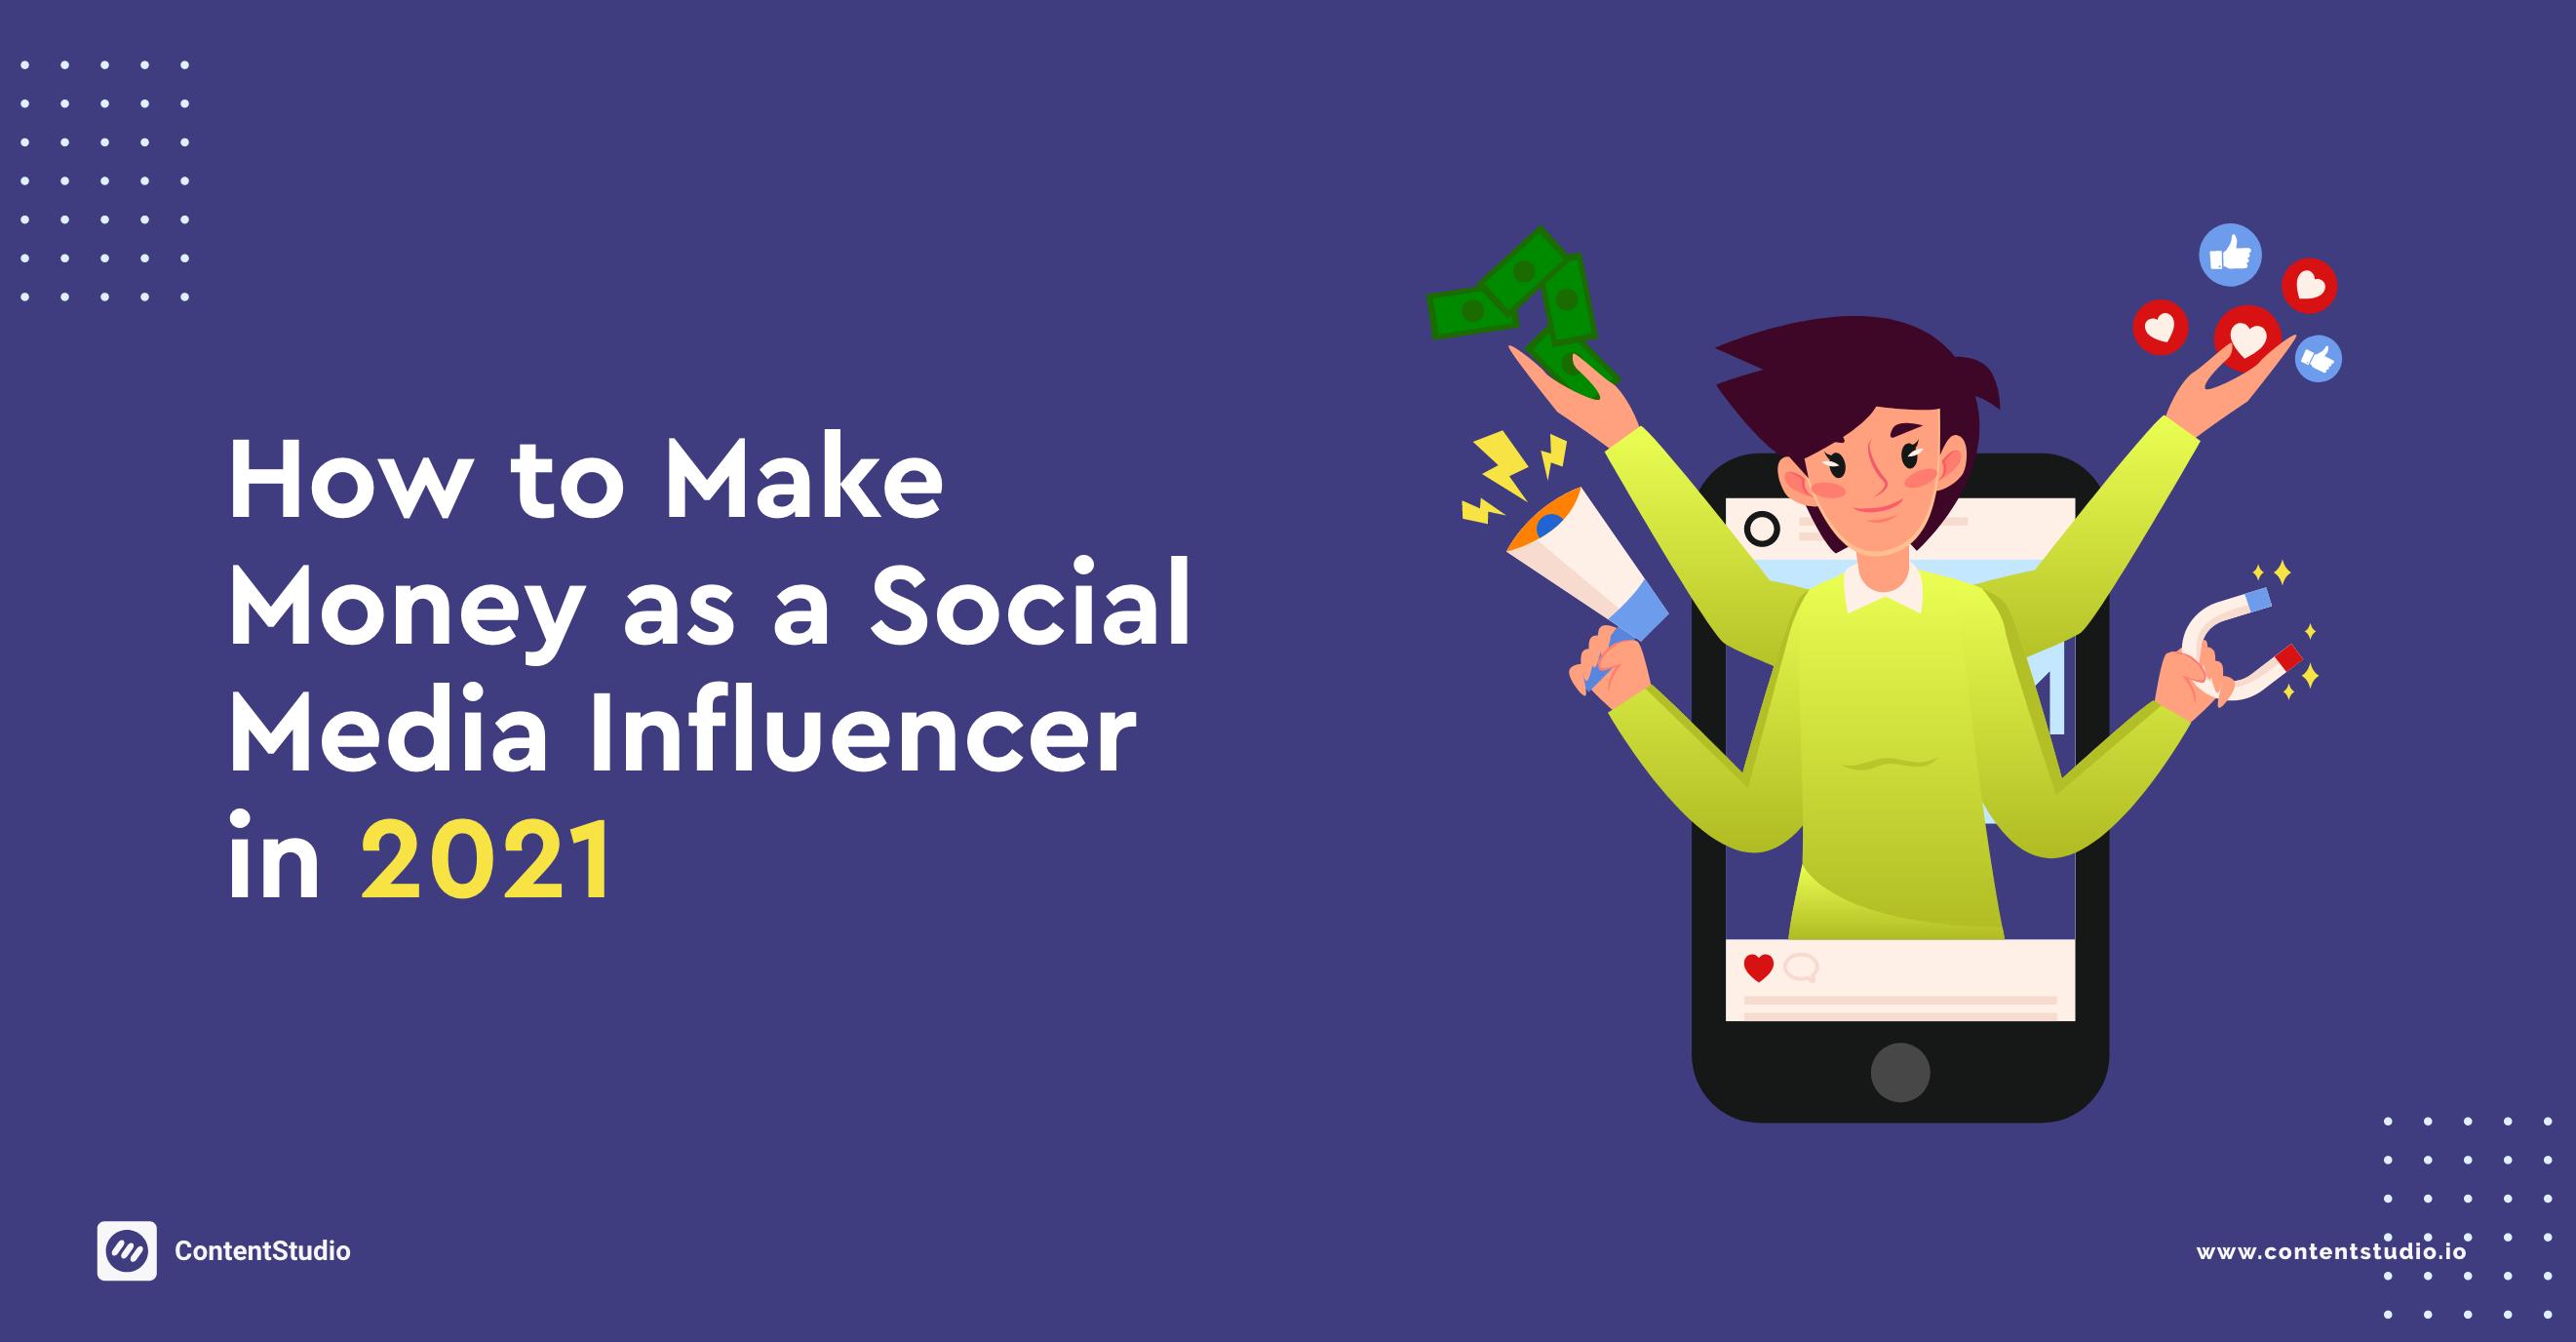 how to make money as a social media influencer